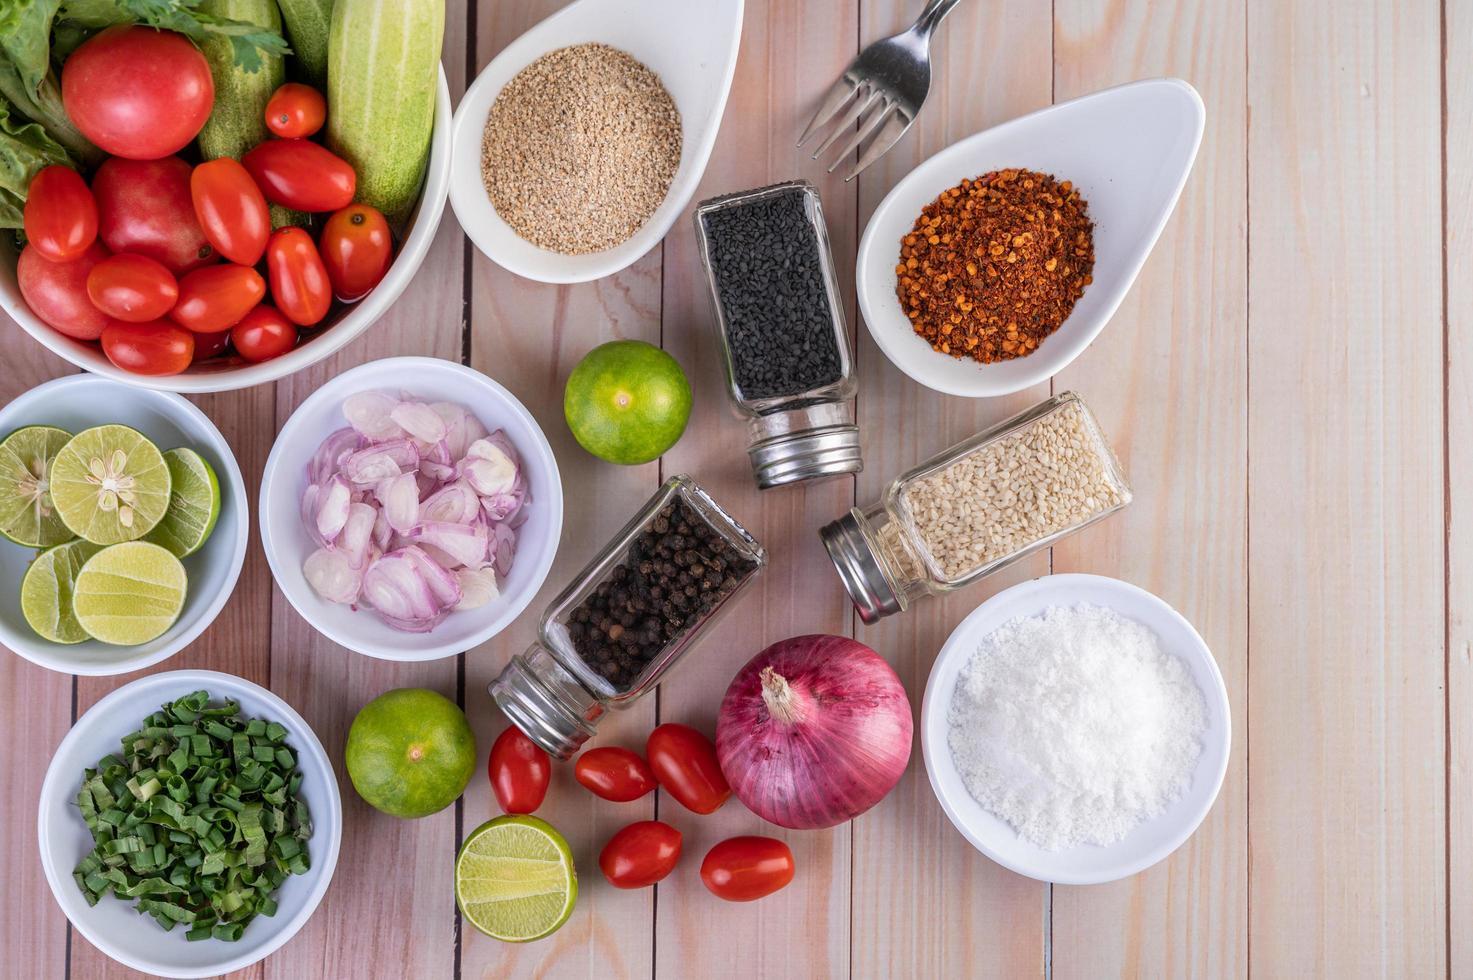 groenten en kruiden op houten tafel met kopie ruimte foto